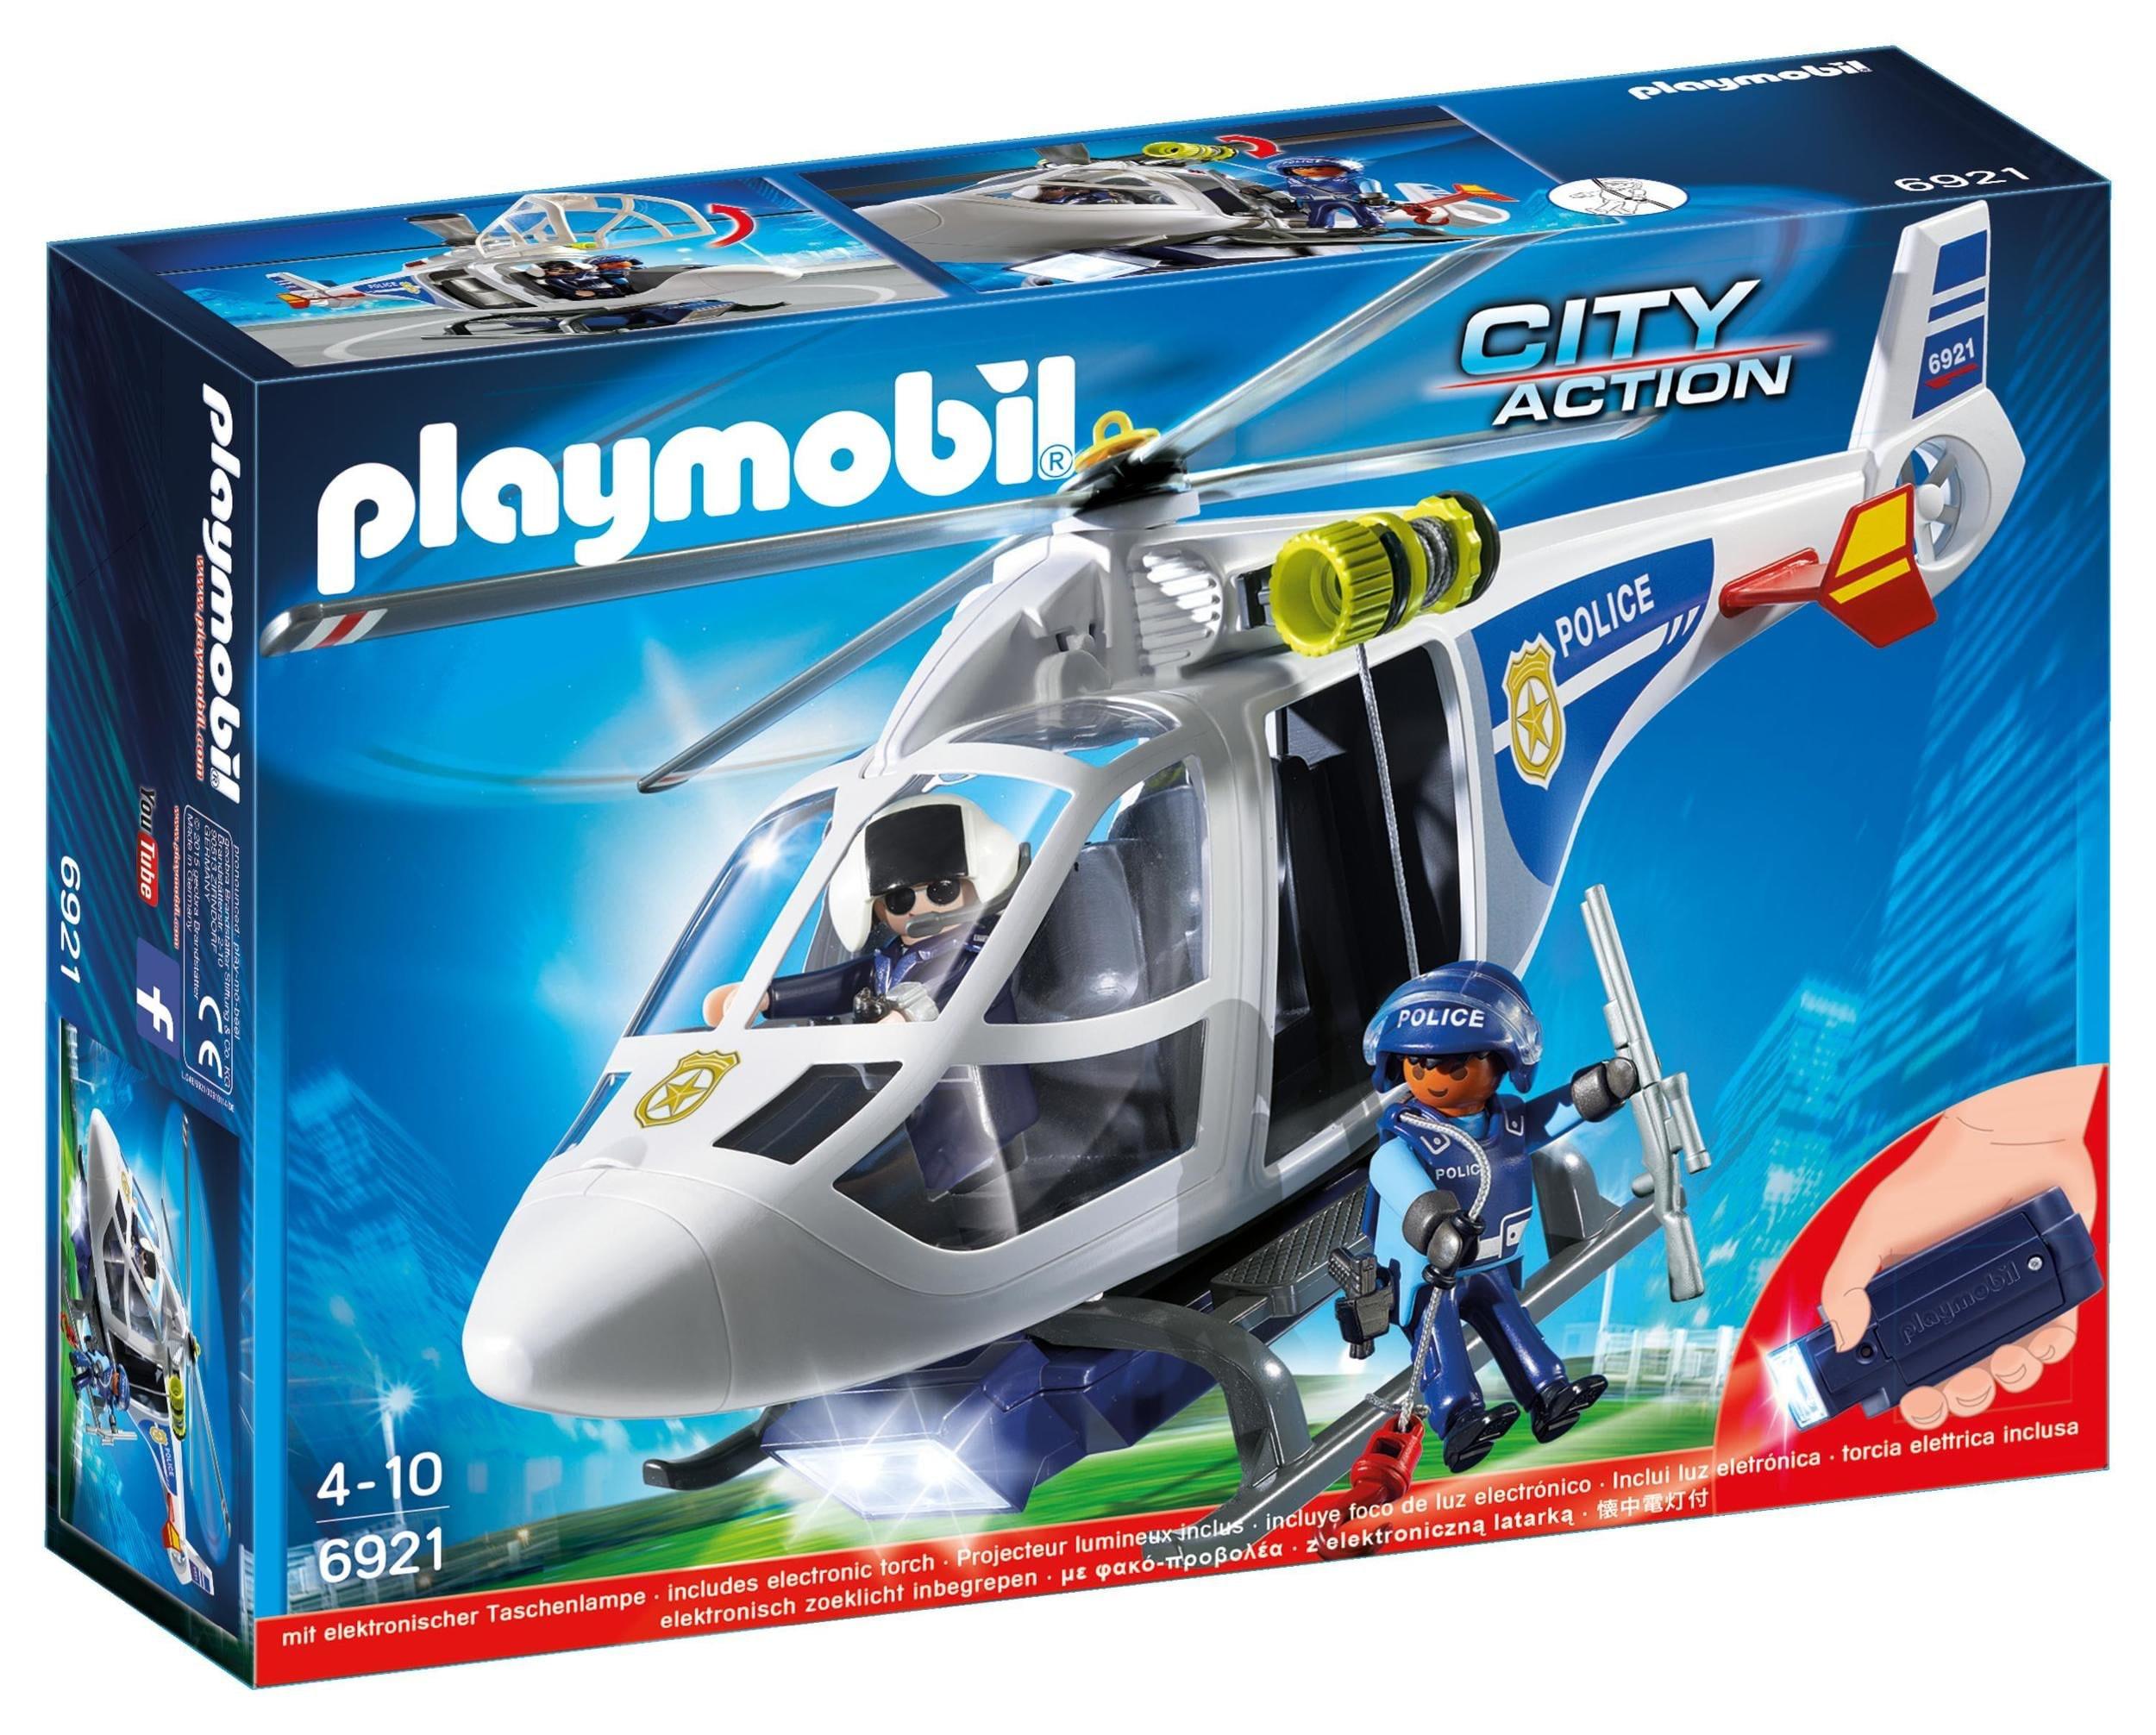 Politiehelikopter met LED-zoeklicht Playmobil (6921)